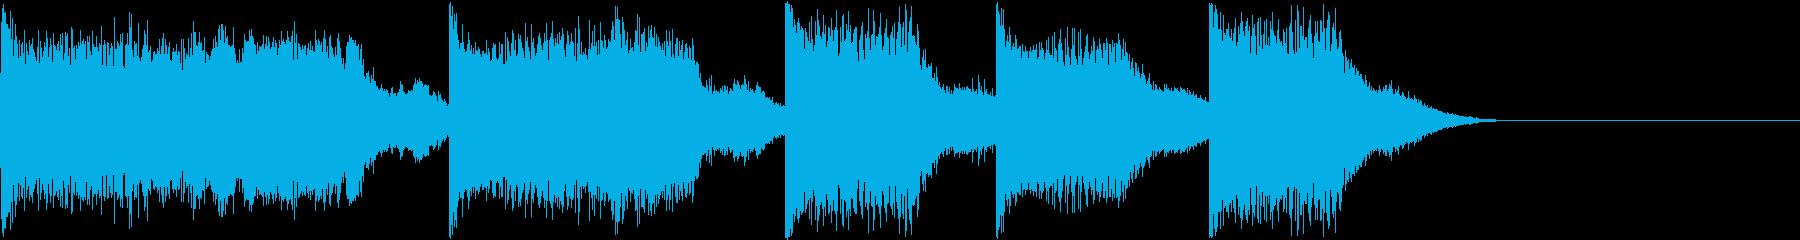 AI メカ/ロボ/マシン動作音 10の再生済みの波形